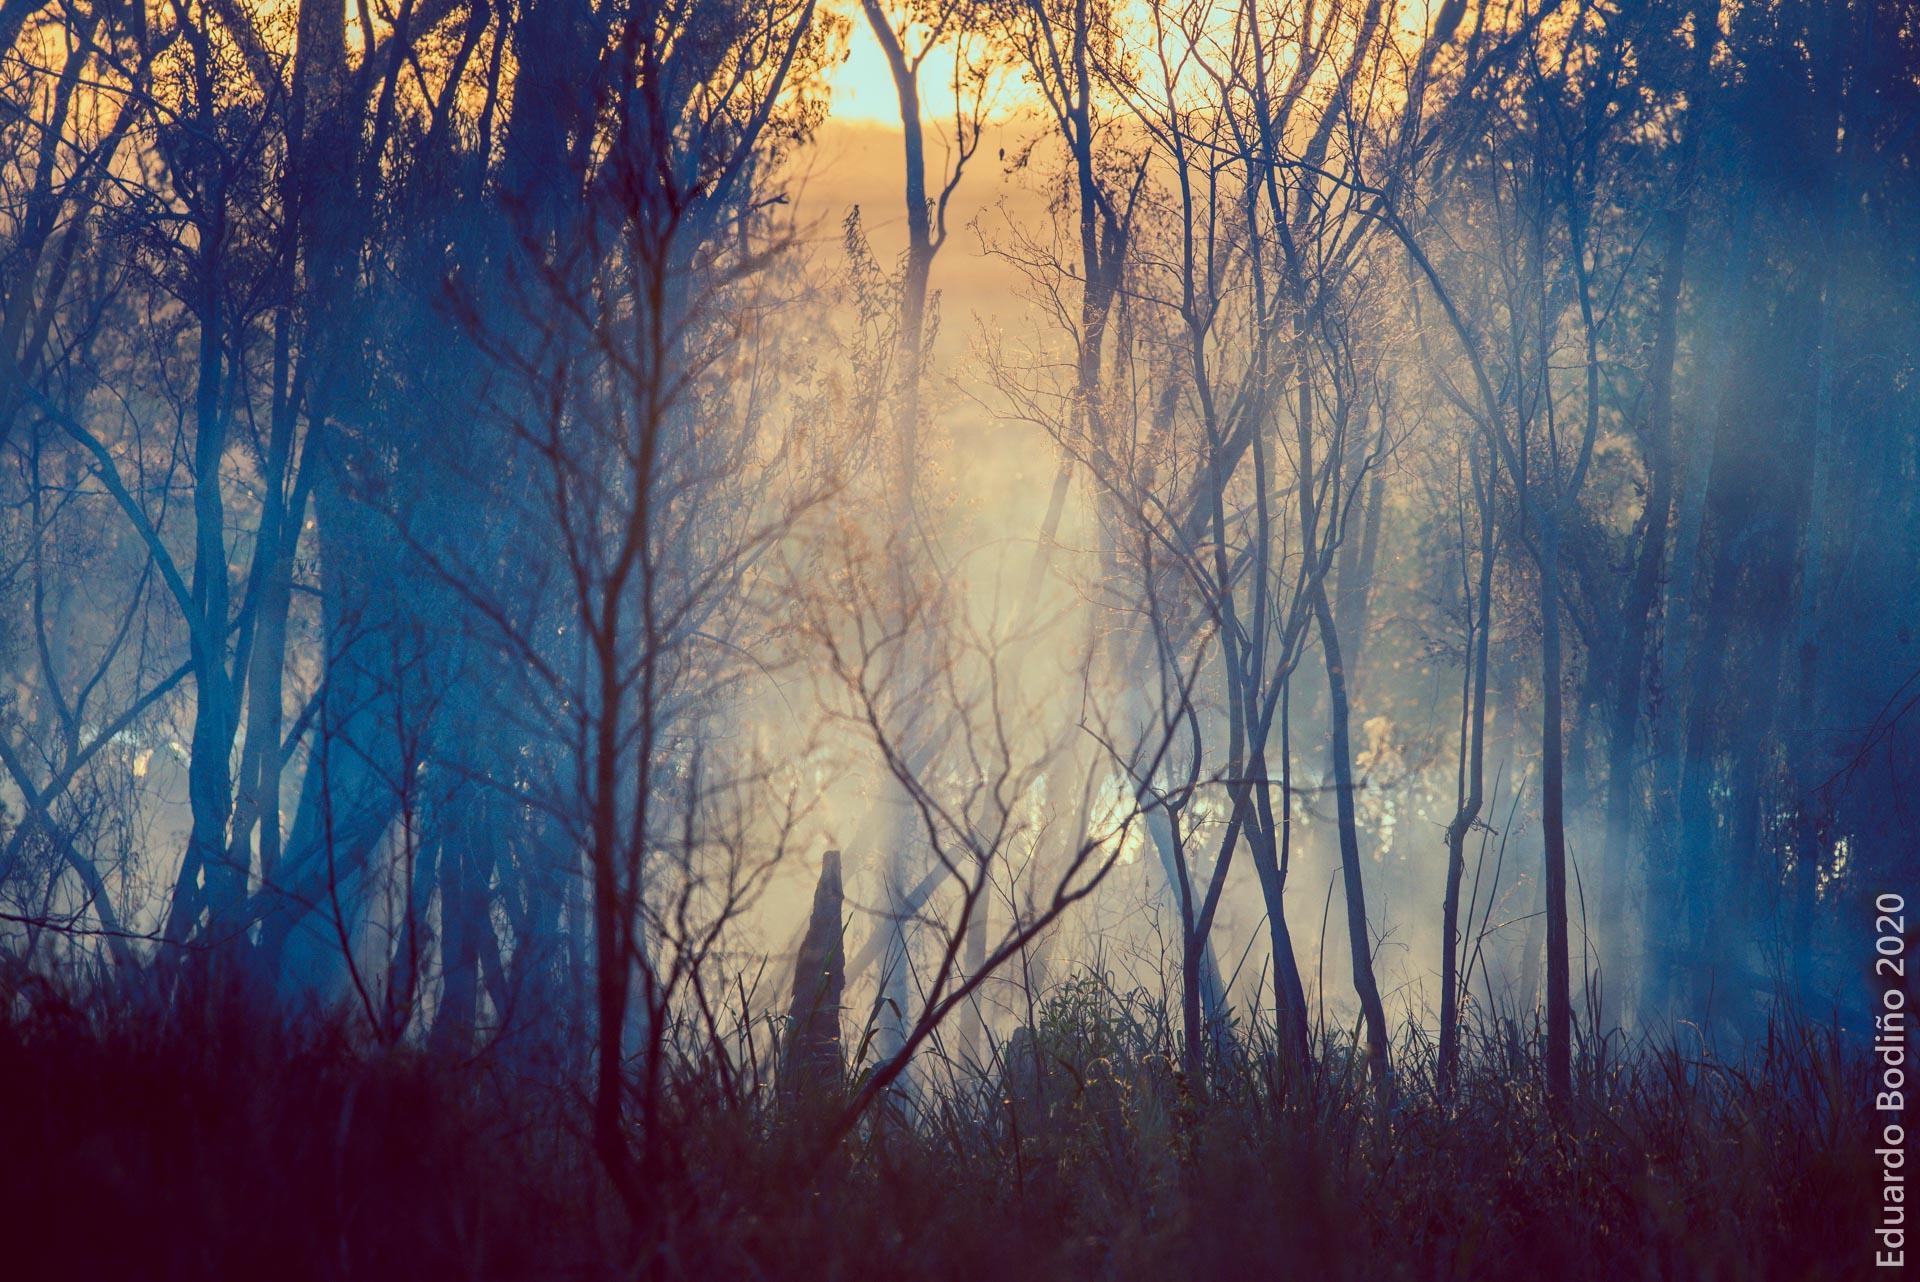 El Delta en llamas: Reclamo por acciones concretas y coordinadas